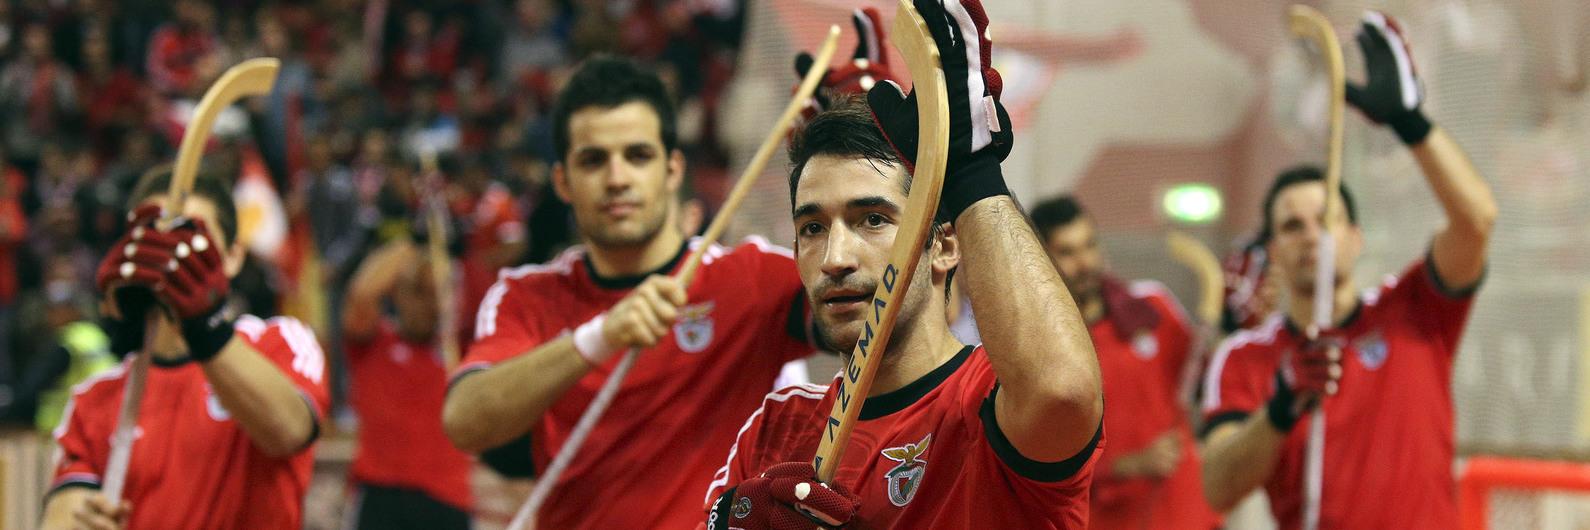 """Hóquei em patins: Capitão do Benfica """"orgulhoso"""" com boicote da equipa à Taça"""